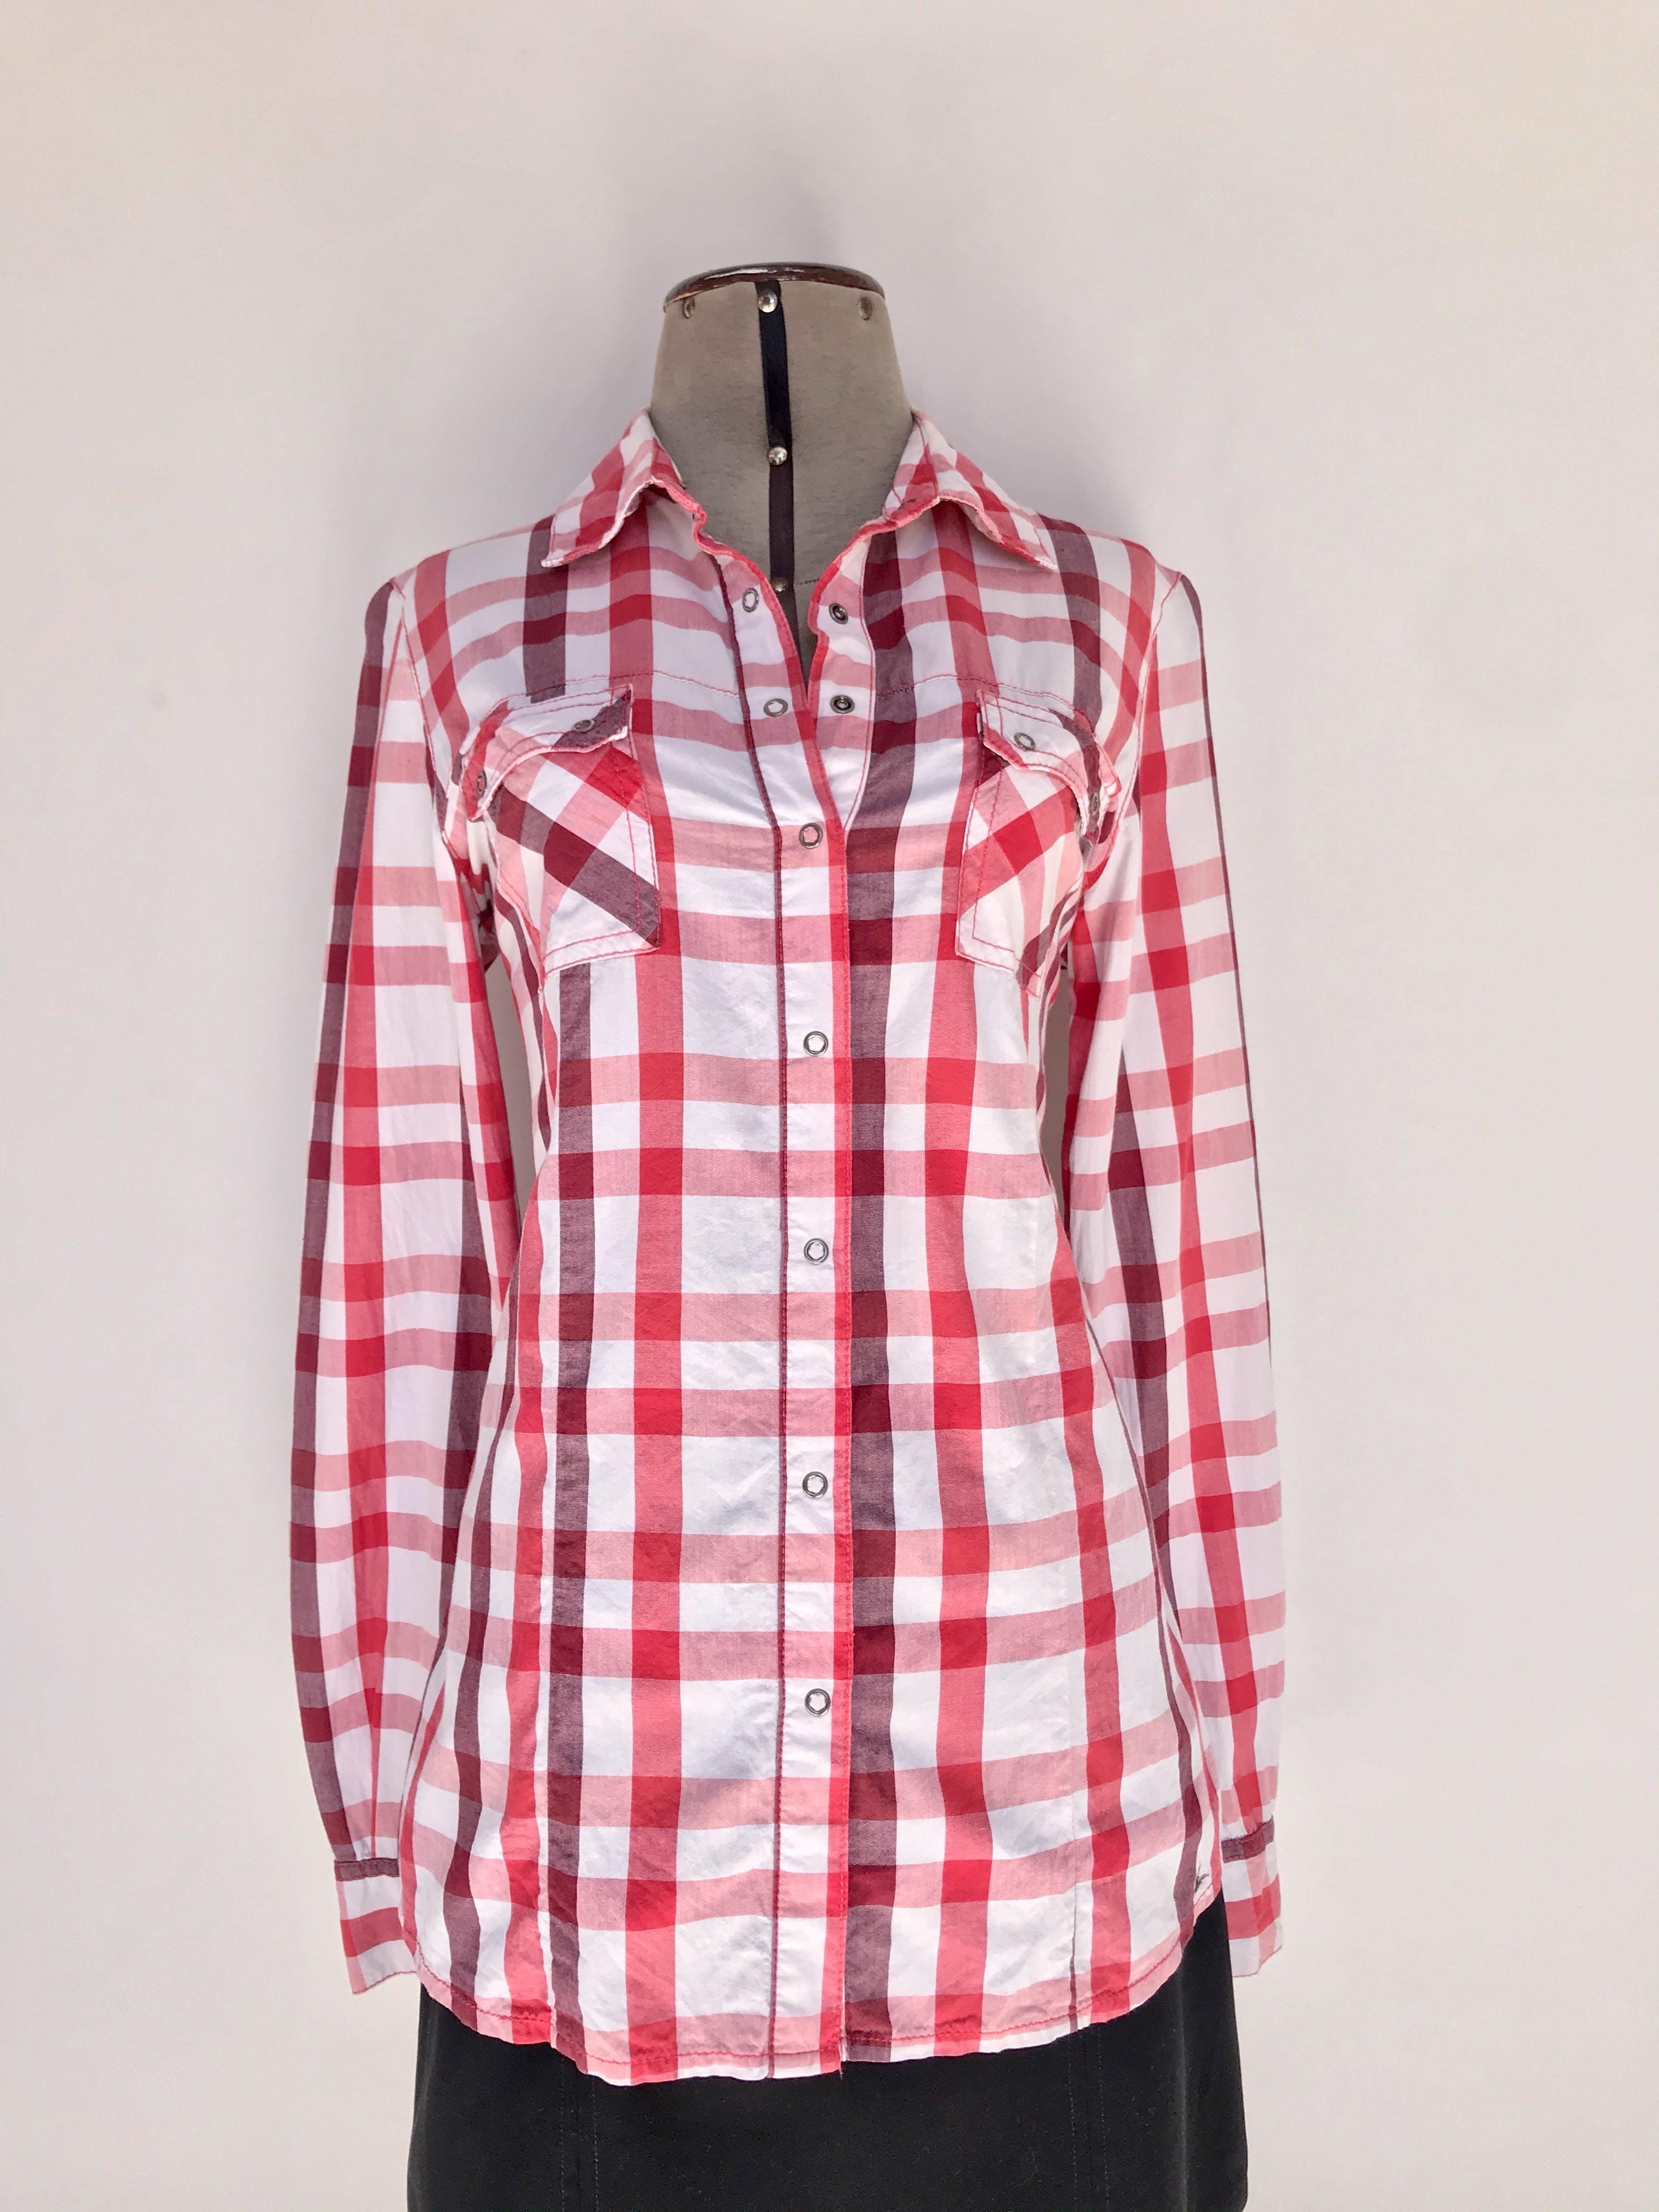 Blusa Exit a cuadros rojos y blancos, camisera con broches y bolsillos delanteros, tiene pinzas Talla M